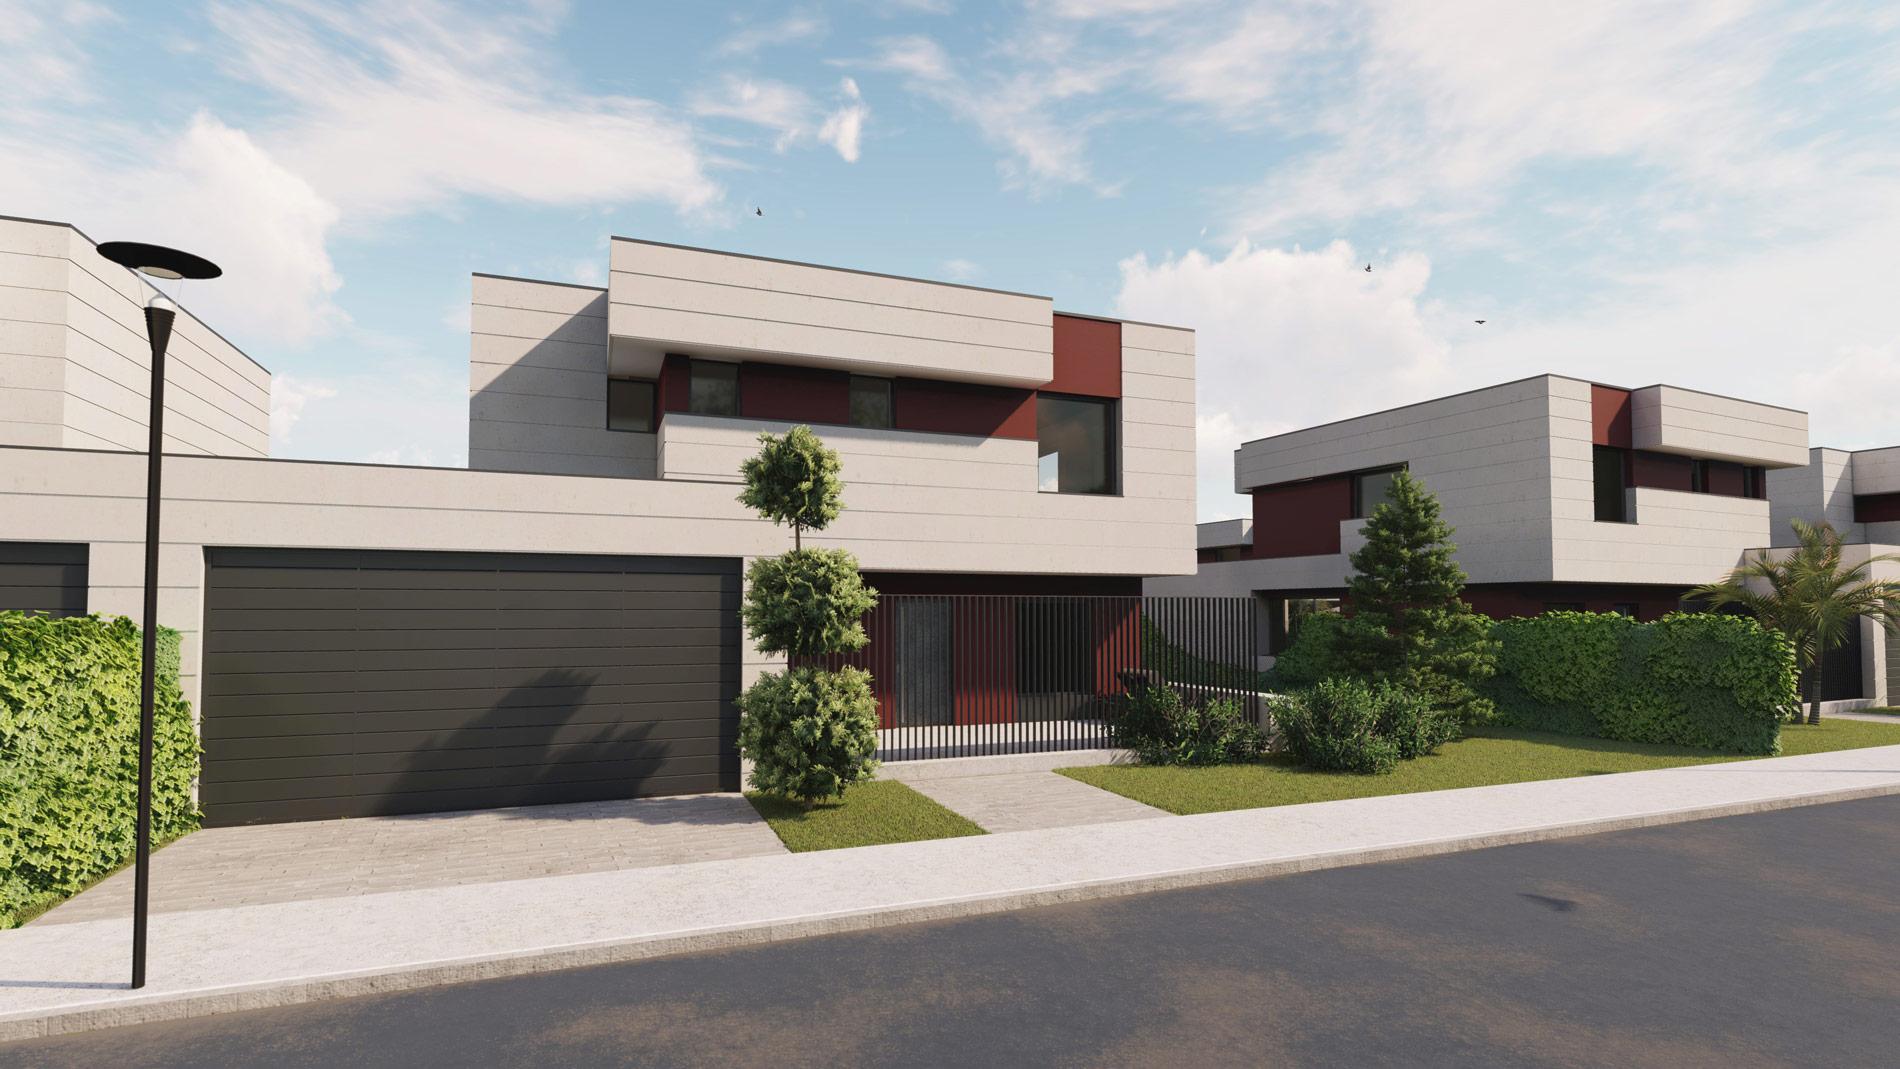 Promoción de viviendas - Limcasa construcciones Salamanca